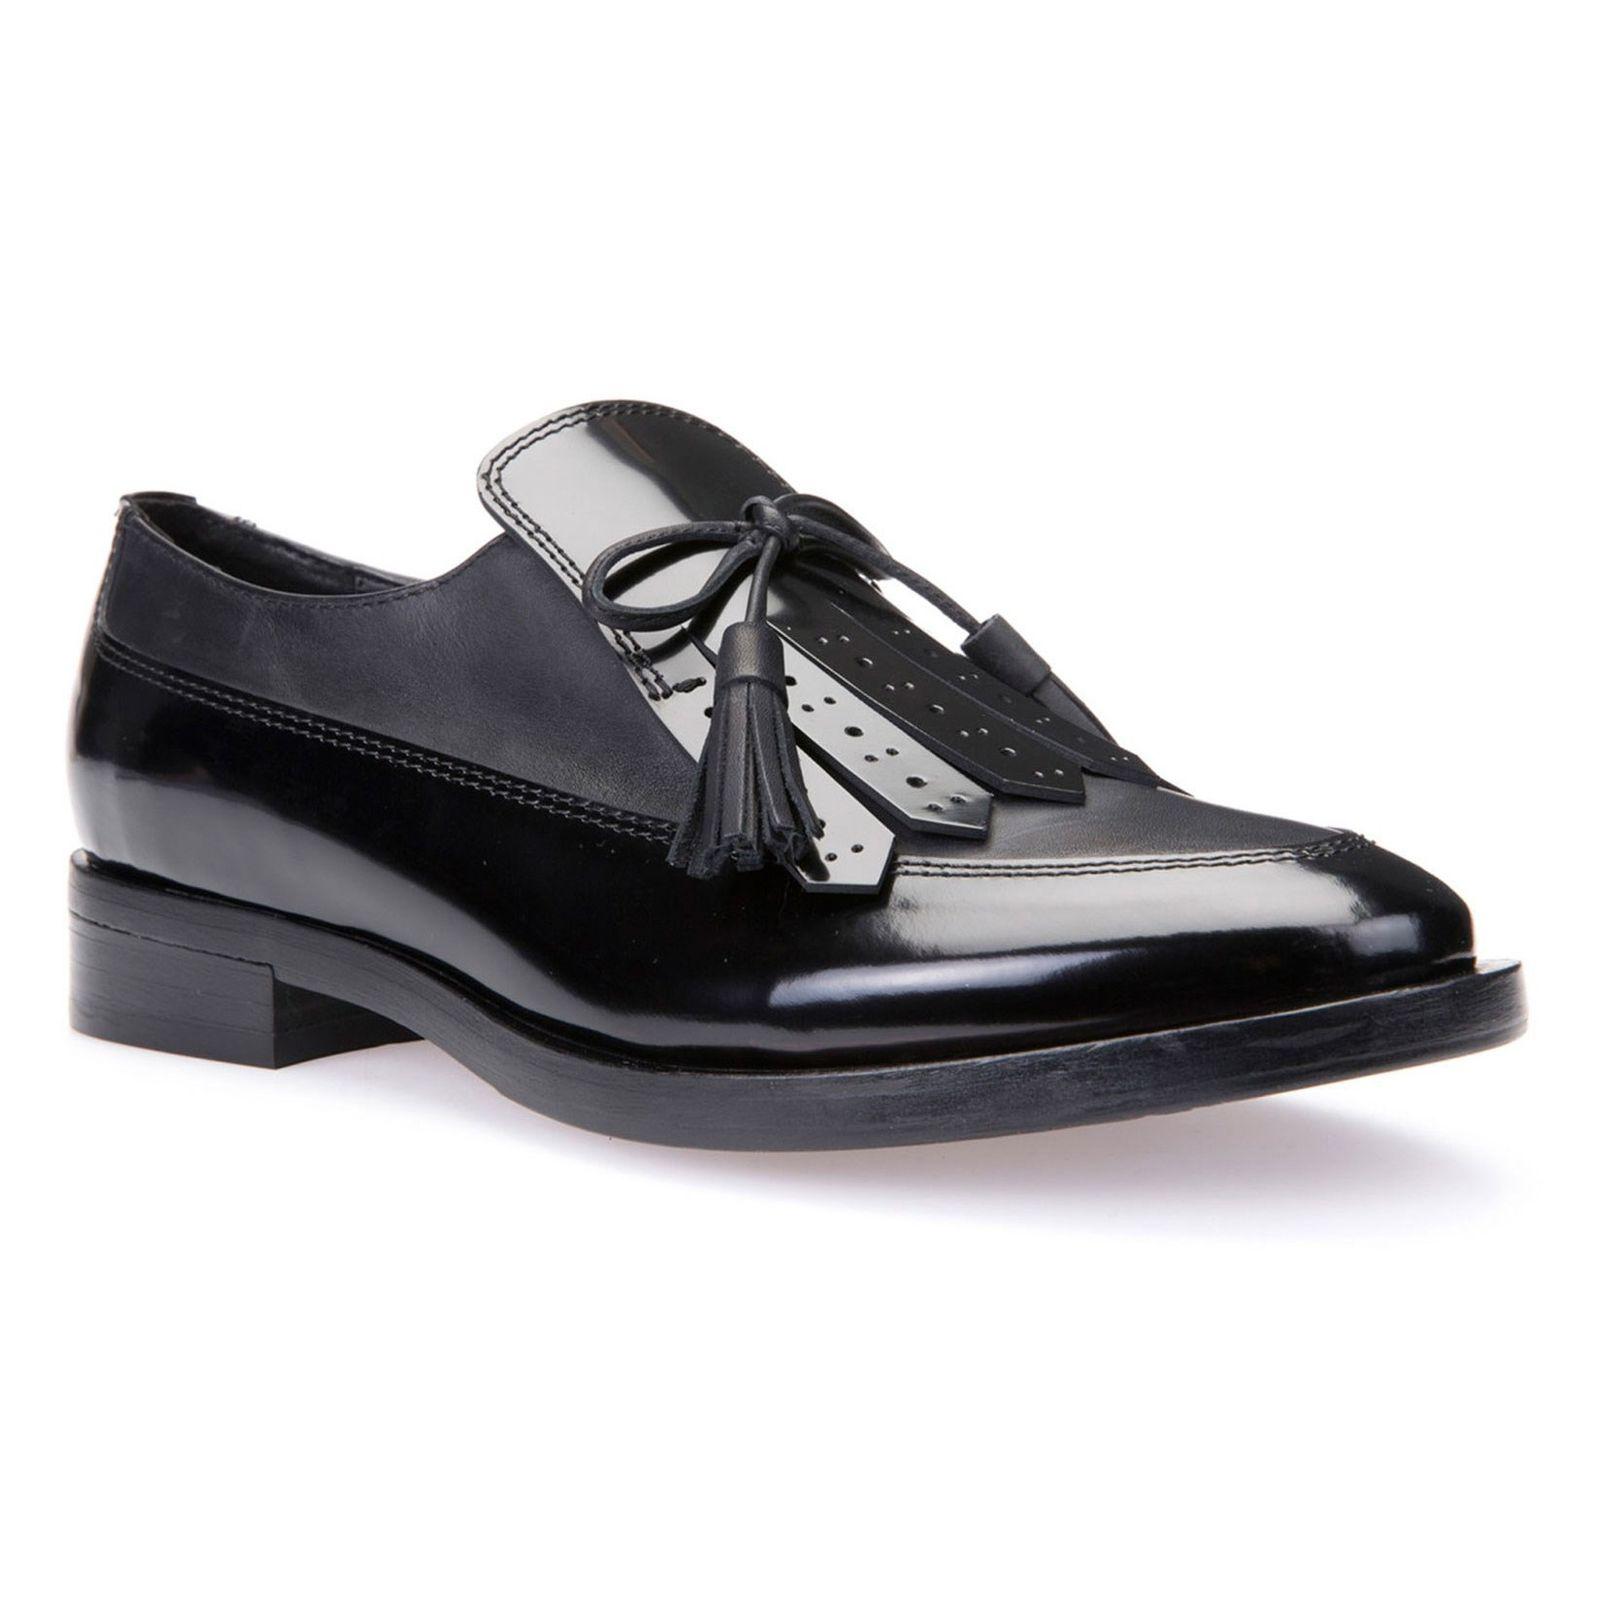 کفش تخت چرم زنانه - جی اوکس - مشکي - 3